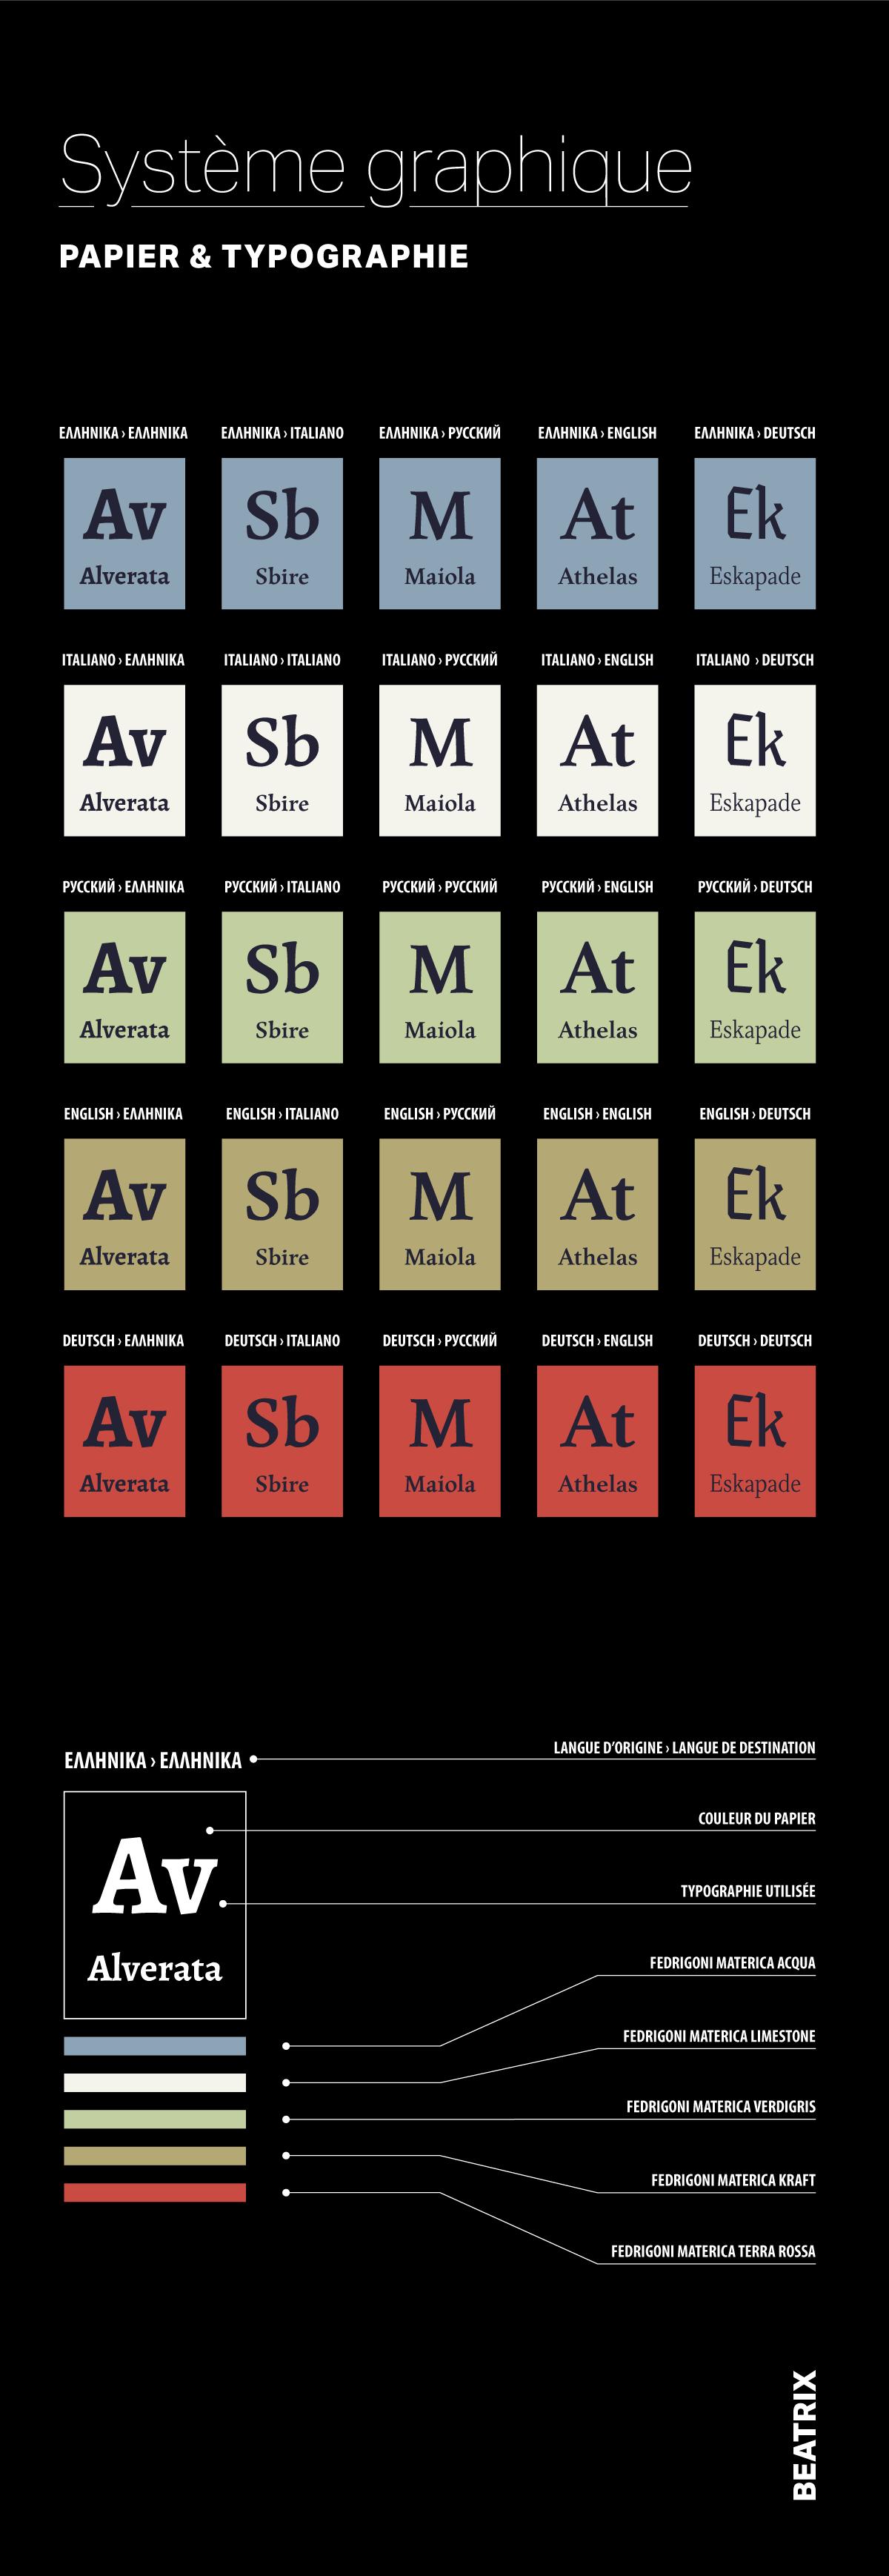 Système graphique identitaire de la maison d'édition Beatrix